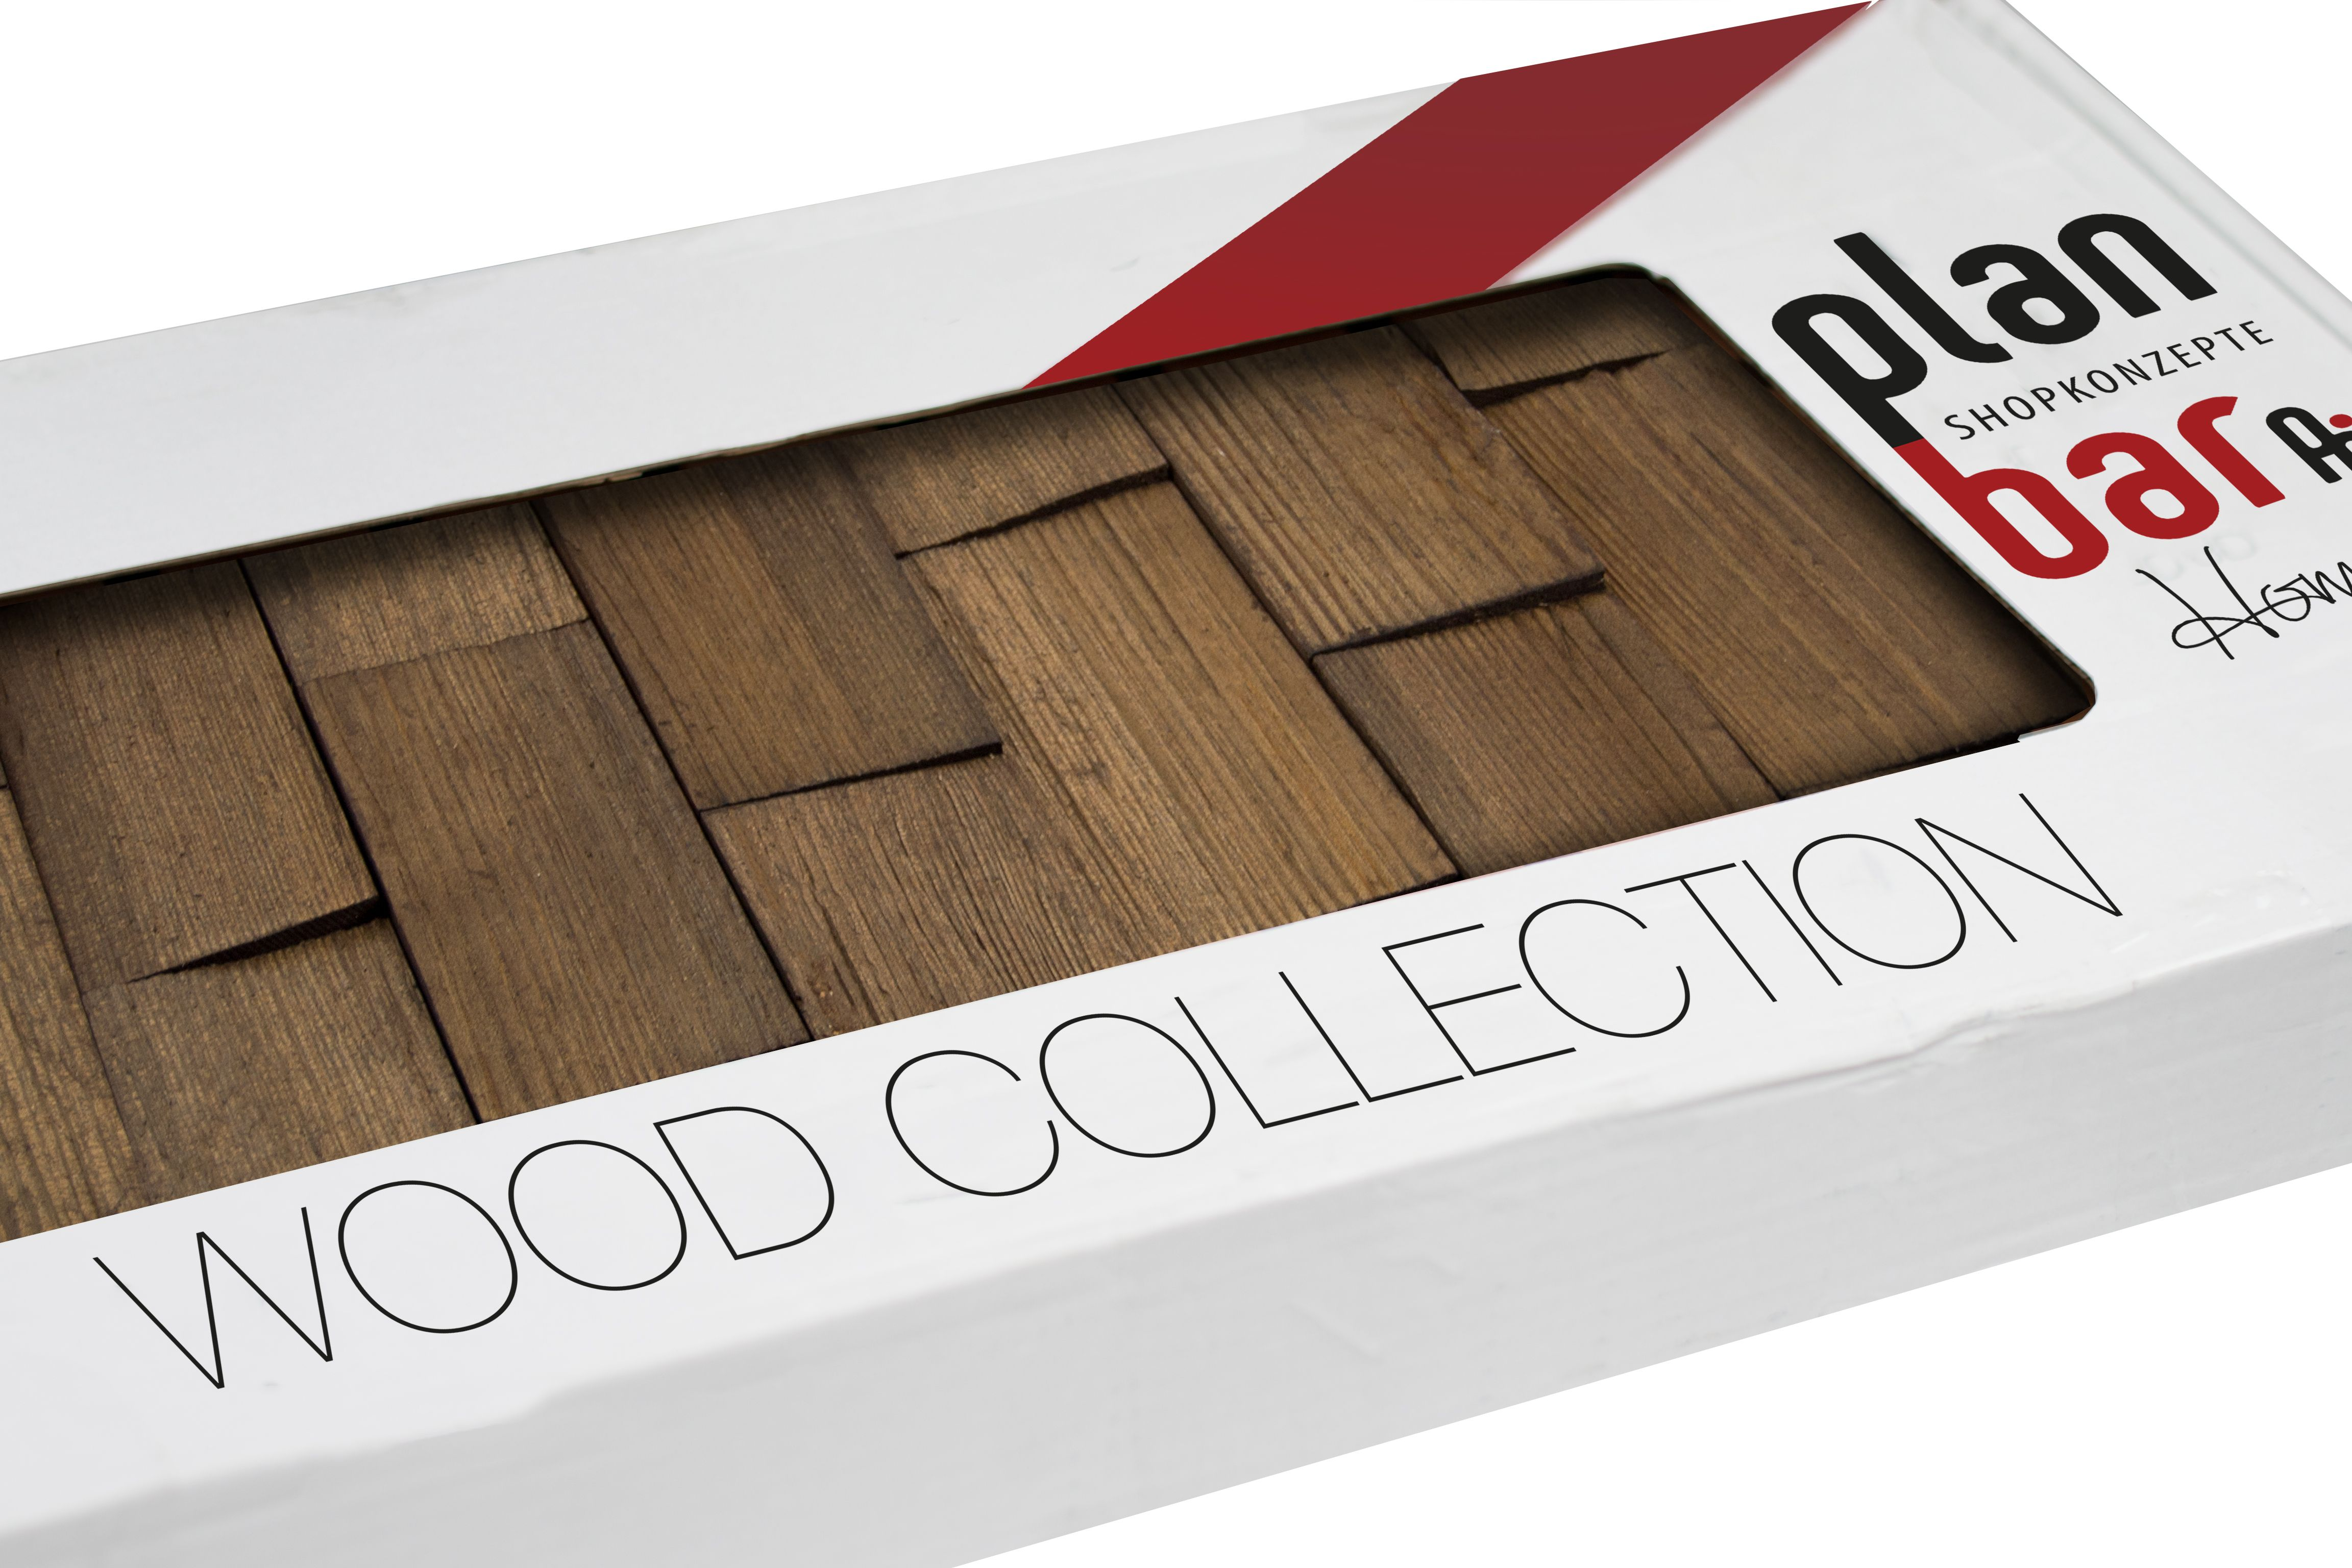 echtholzverblender 3d wandverkleidung 3d holz wide weiss wood panel holzverblender verblender echtholz wohnwand